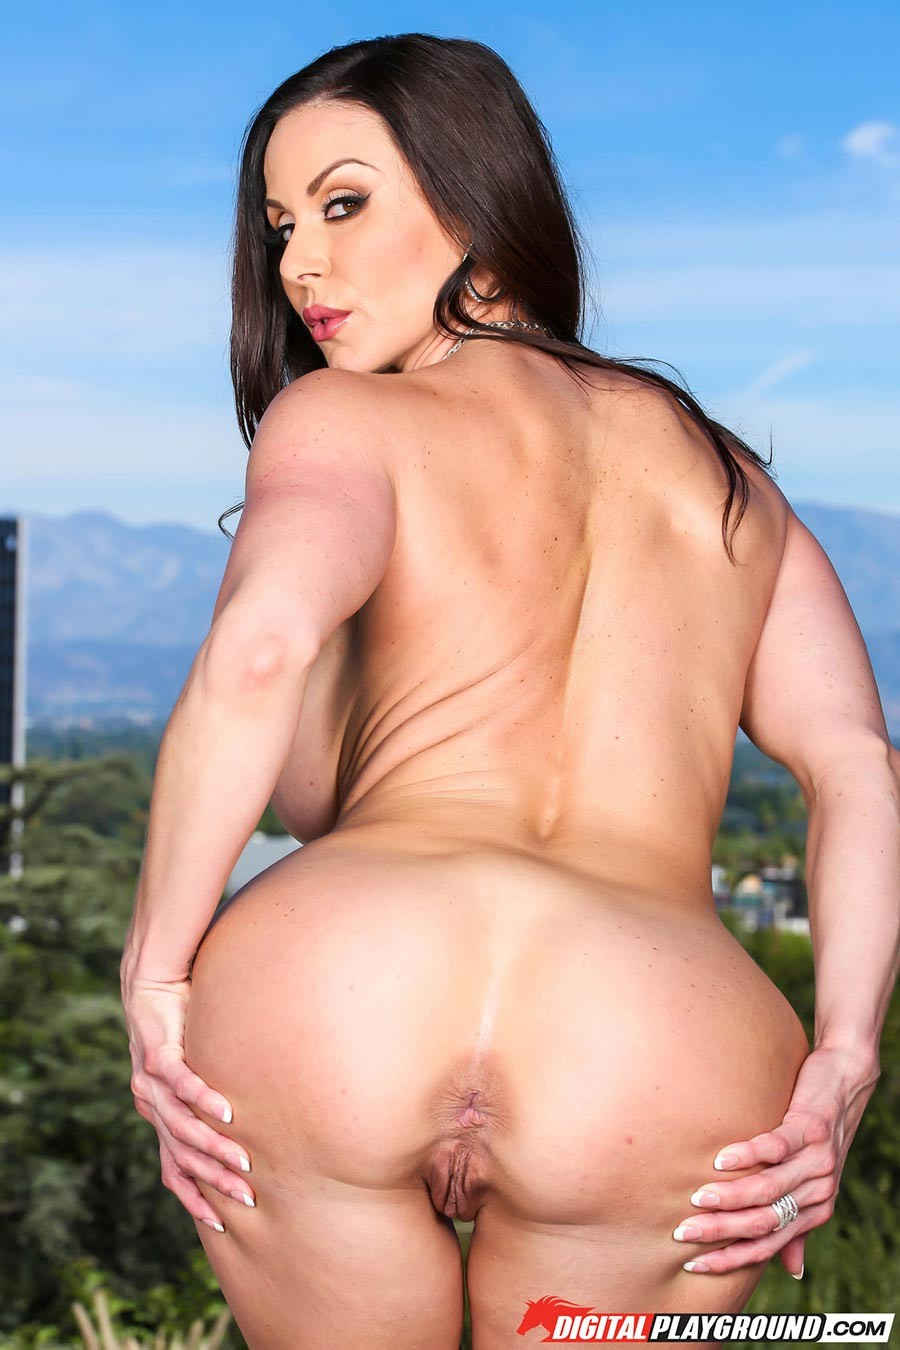 Kendra Lust In Nuru Masseuse Kendra Lust Is An Expert